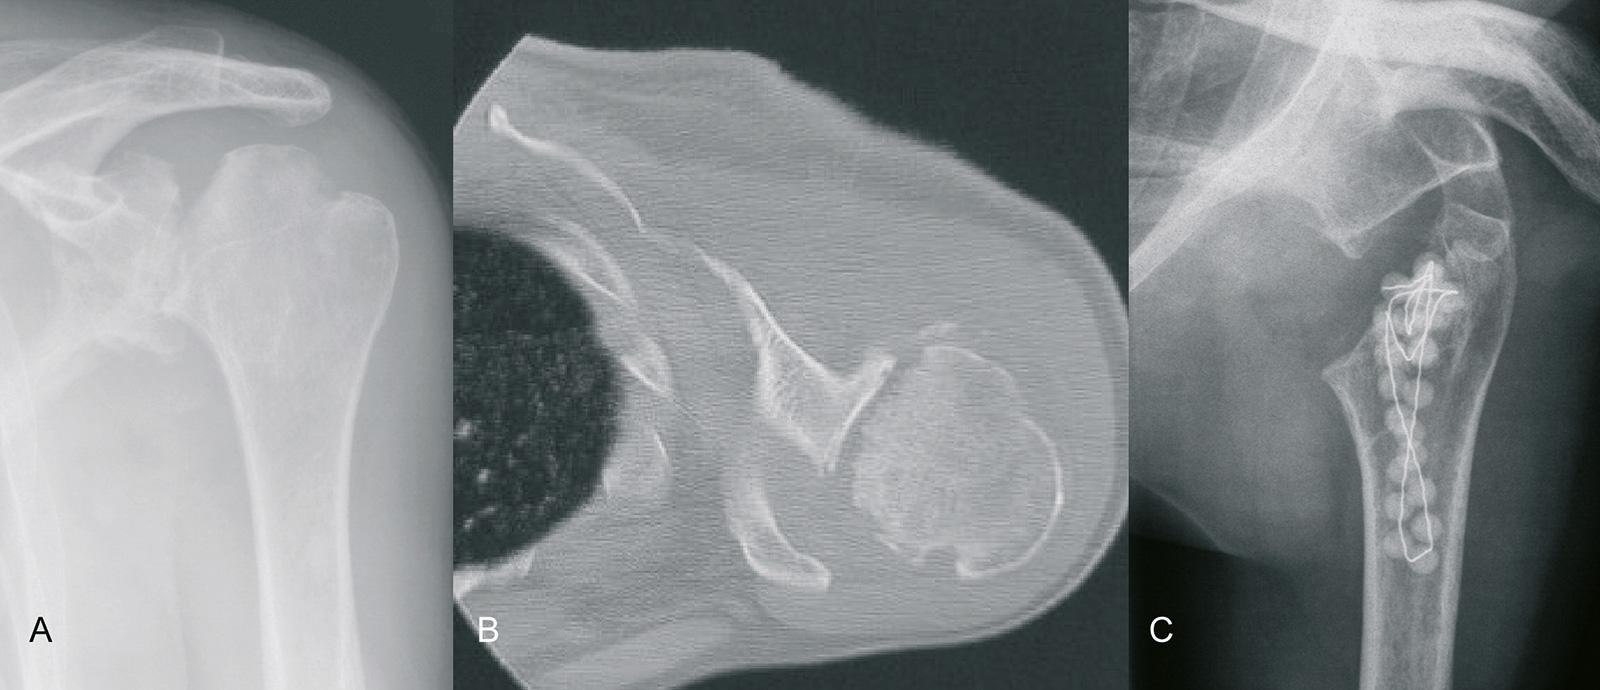 Abb. 1-53: Schultergelenksinfektion mit Destruktion des Gelenkknorpels (A,B): Débridement und Humeruskopfresektion zur Vorbereitung einer späteren Prothesenimplantation (C)